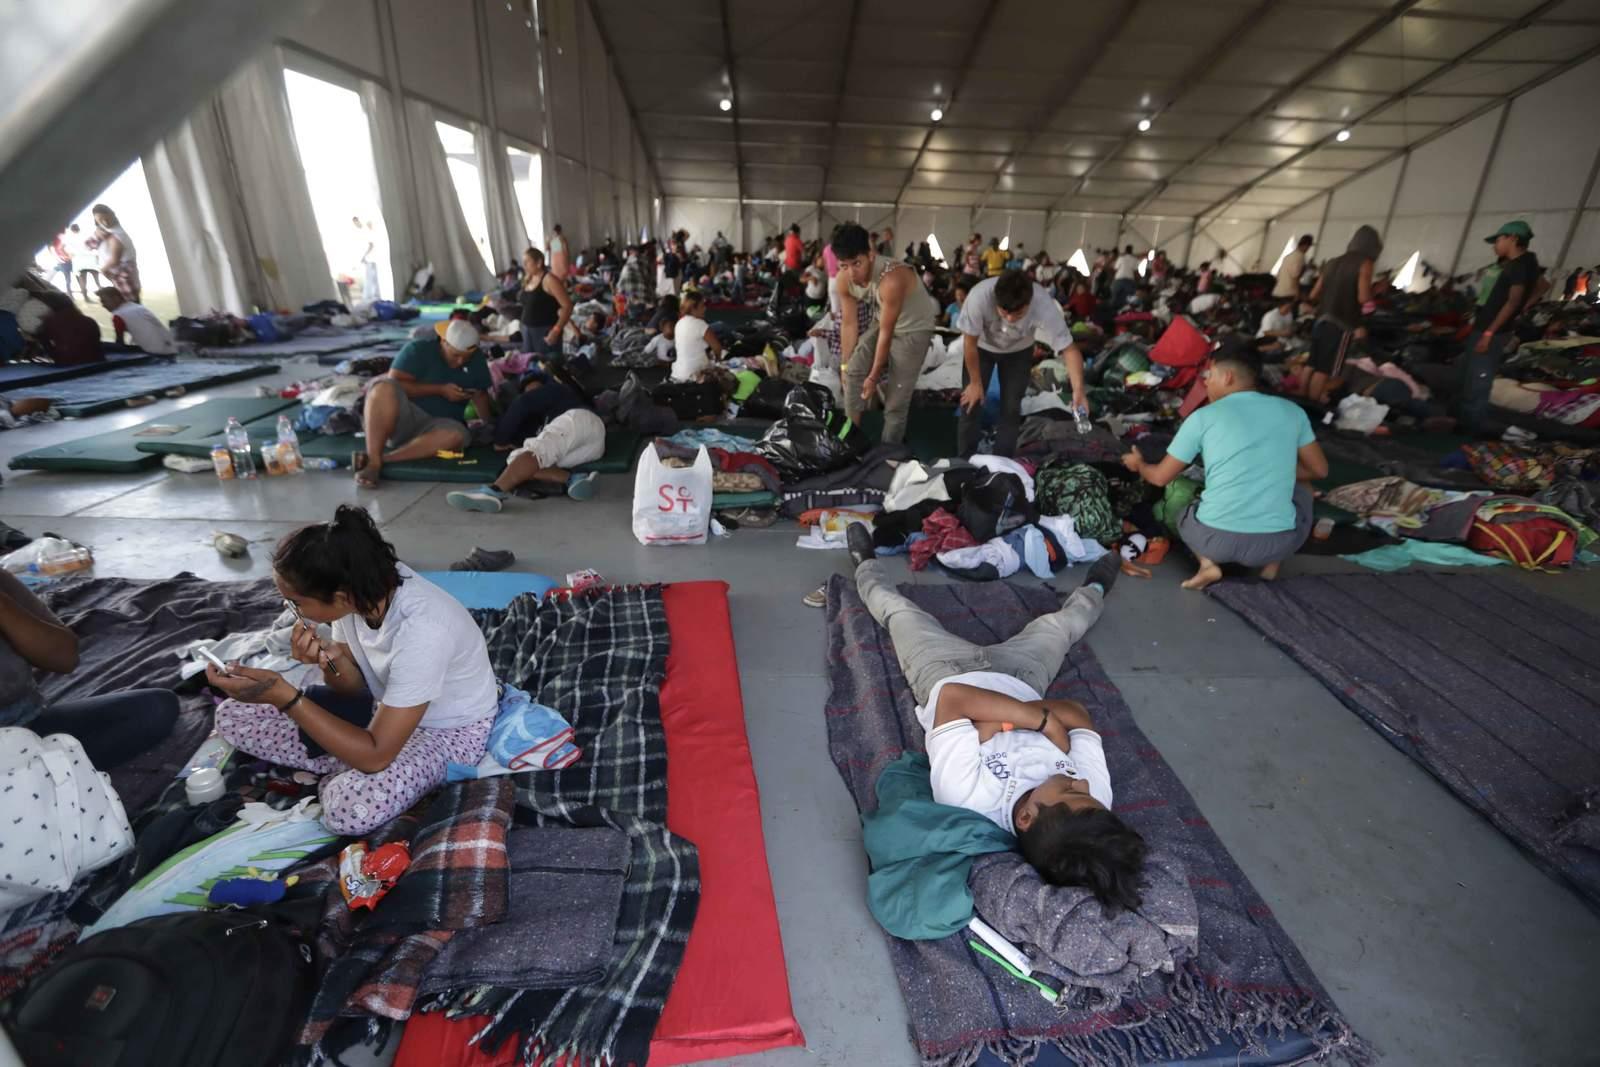 CDHEC exhorta a autoridades en a respetar caravana